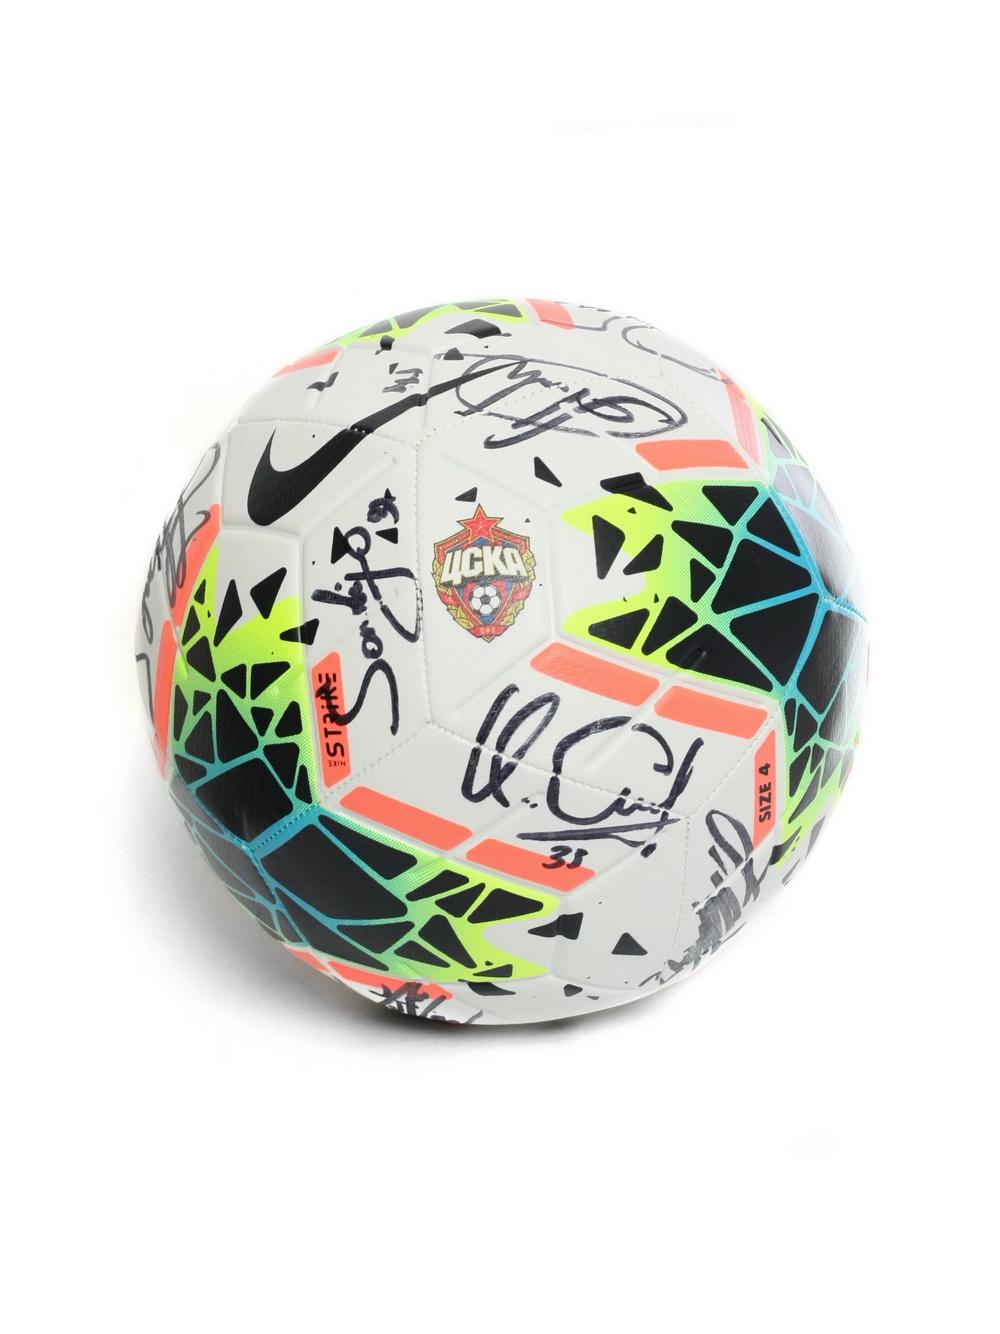 Мяч футбольный Nike STRK (FA19) с эмблемой ПФК ЦСКА с автографами, размер 5 фото